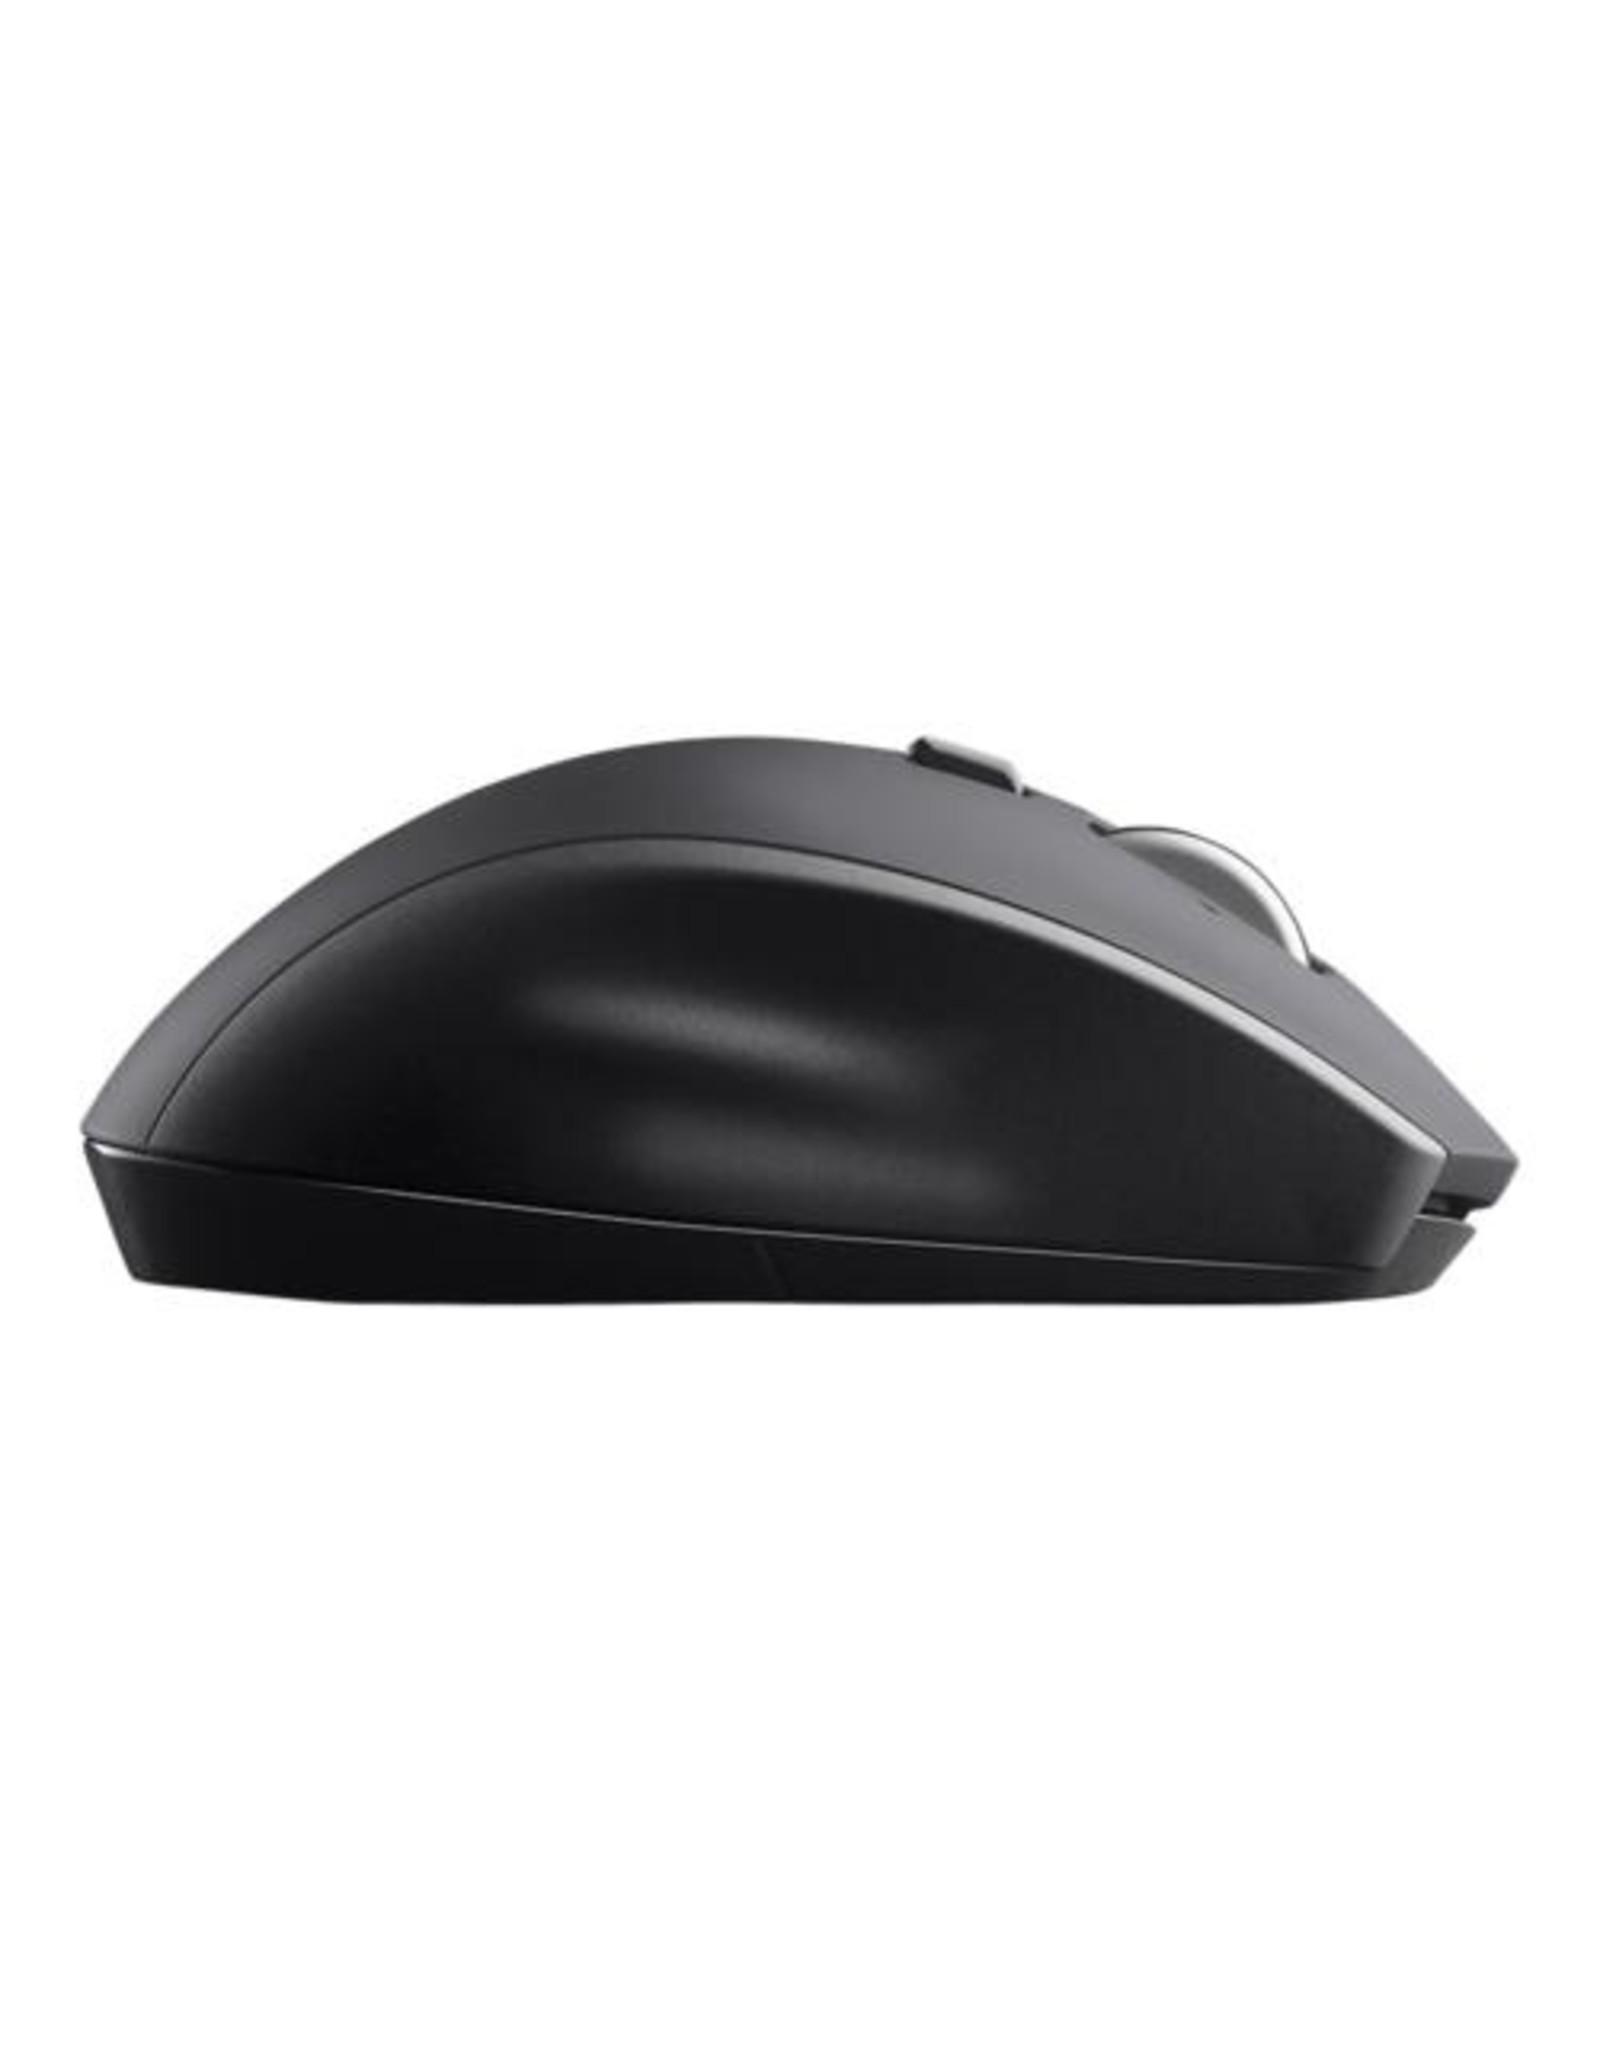 Logitech Marathon M705 Mouse OEM